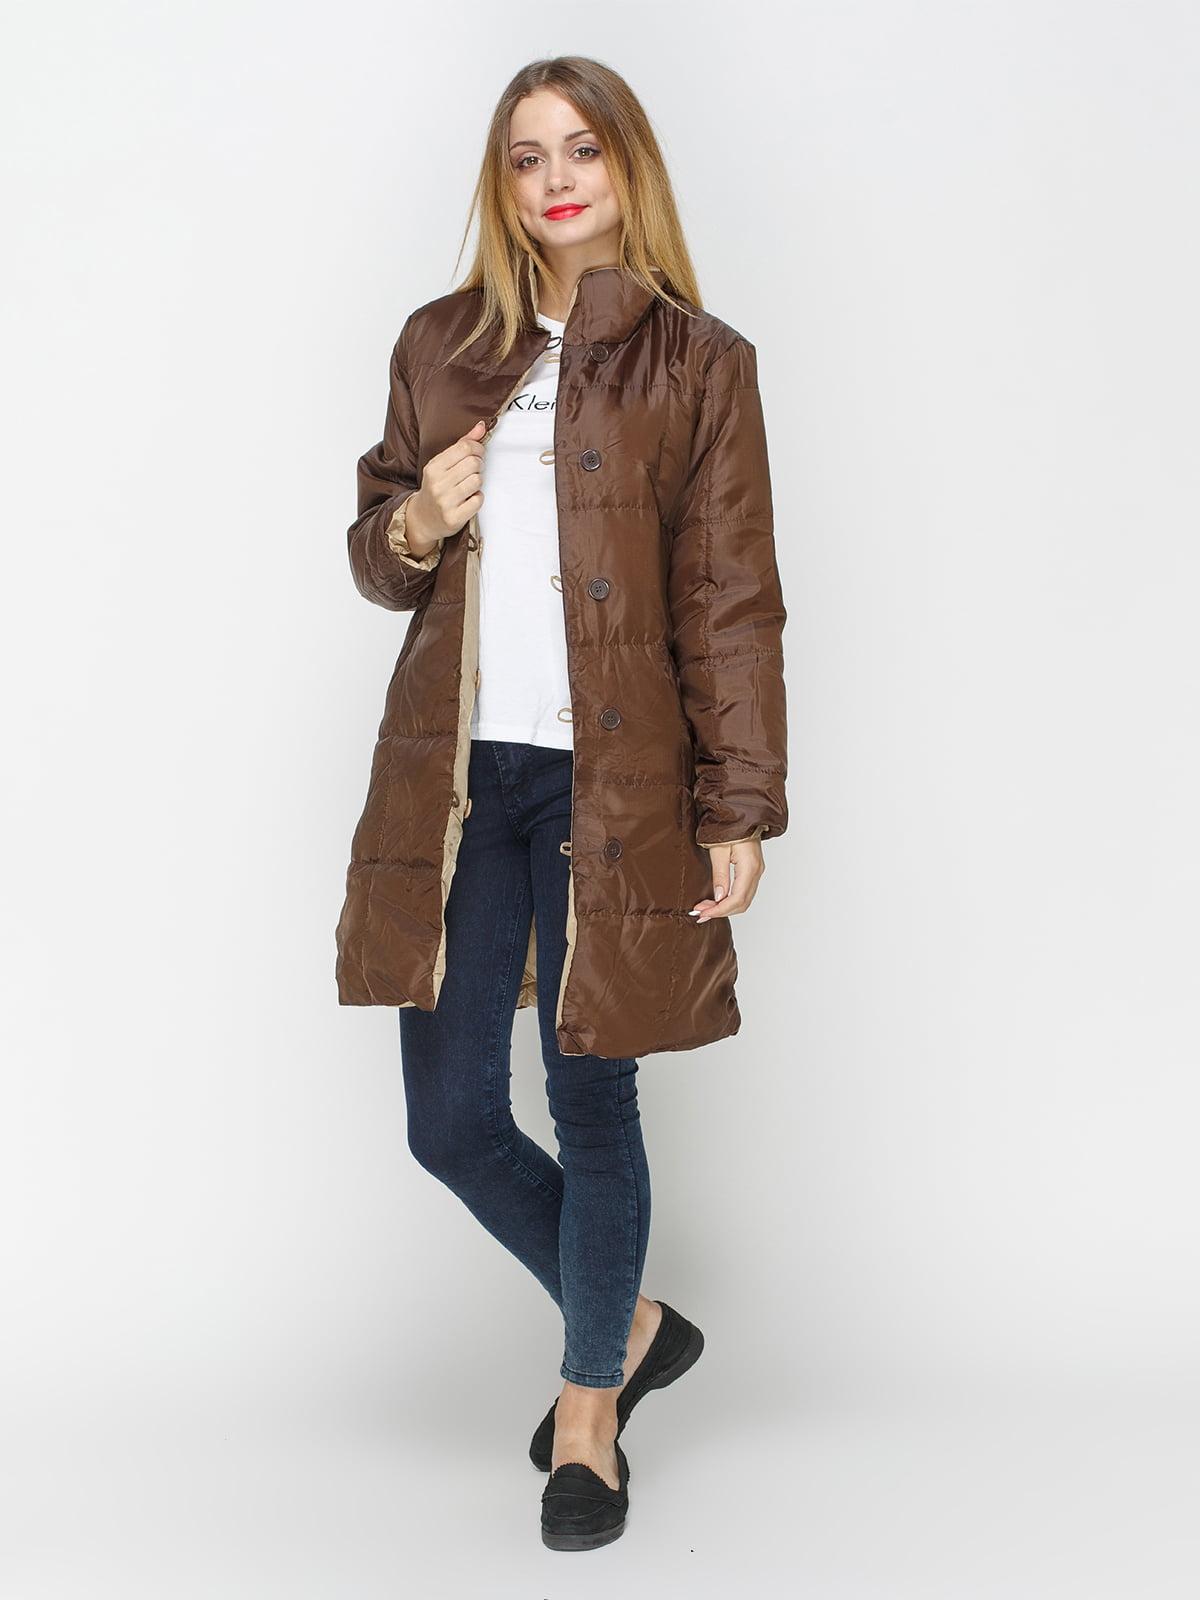 Куртка бежево-коричневая двусторонняя   4327088   фото 2